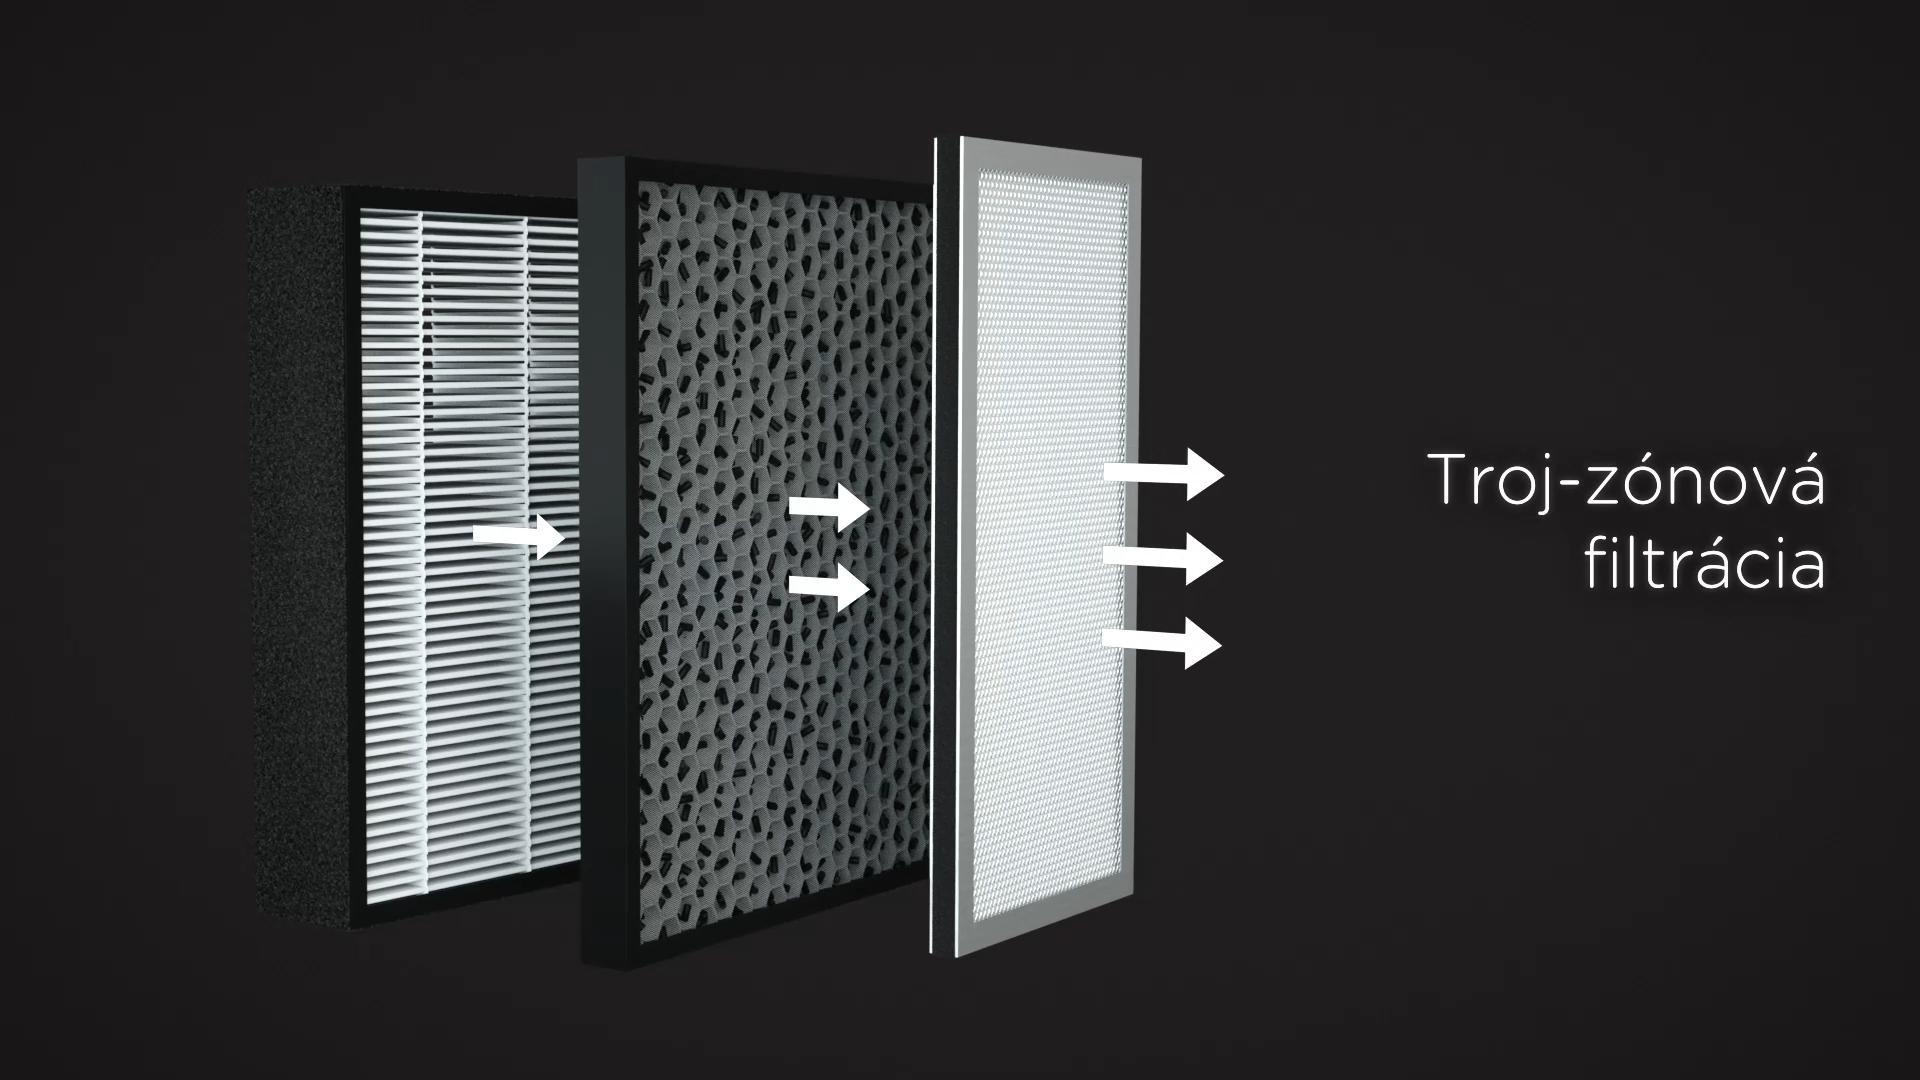 AirChange - moderná rekuperácia - AirChange je vysoko kvalitný systém rekuperácie, s ktorým získate čerstvý vzduch bez nežiadúcich mikroorganizmov, baktérií, prachových častíc či zápachu zo zvýšenej vlhkosti vďaka špeciálnej trojcestnej filtrácii.